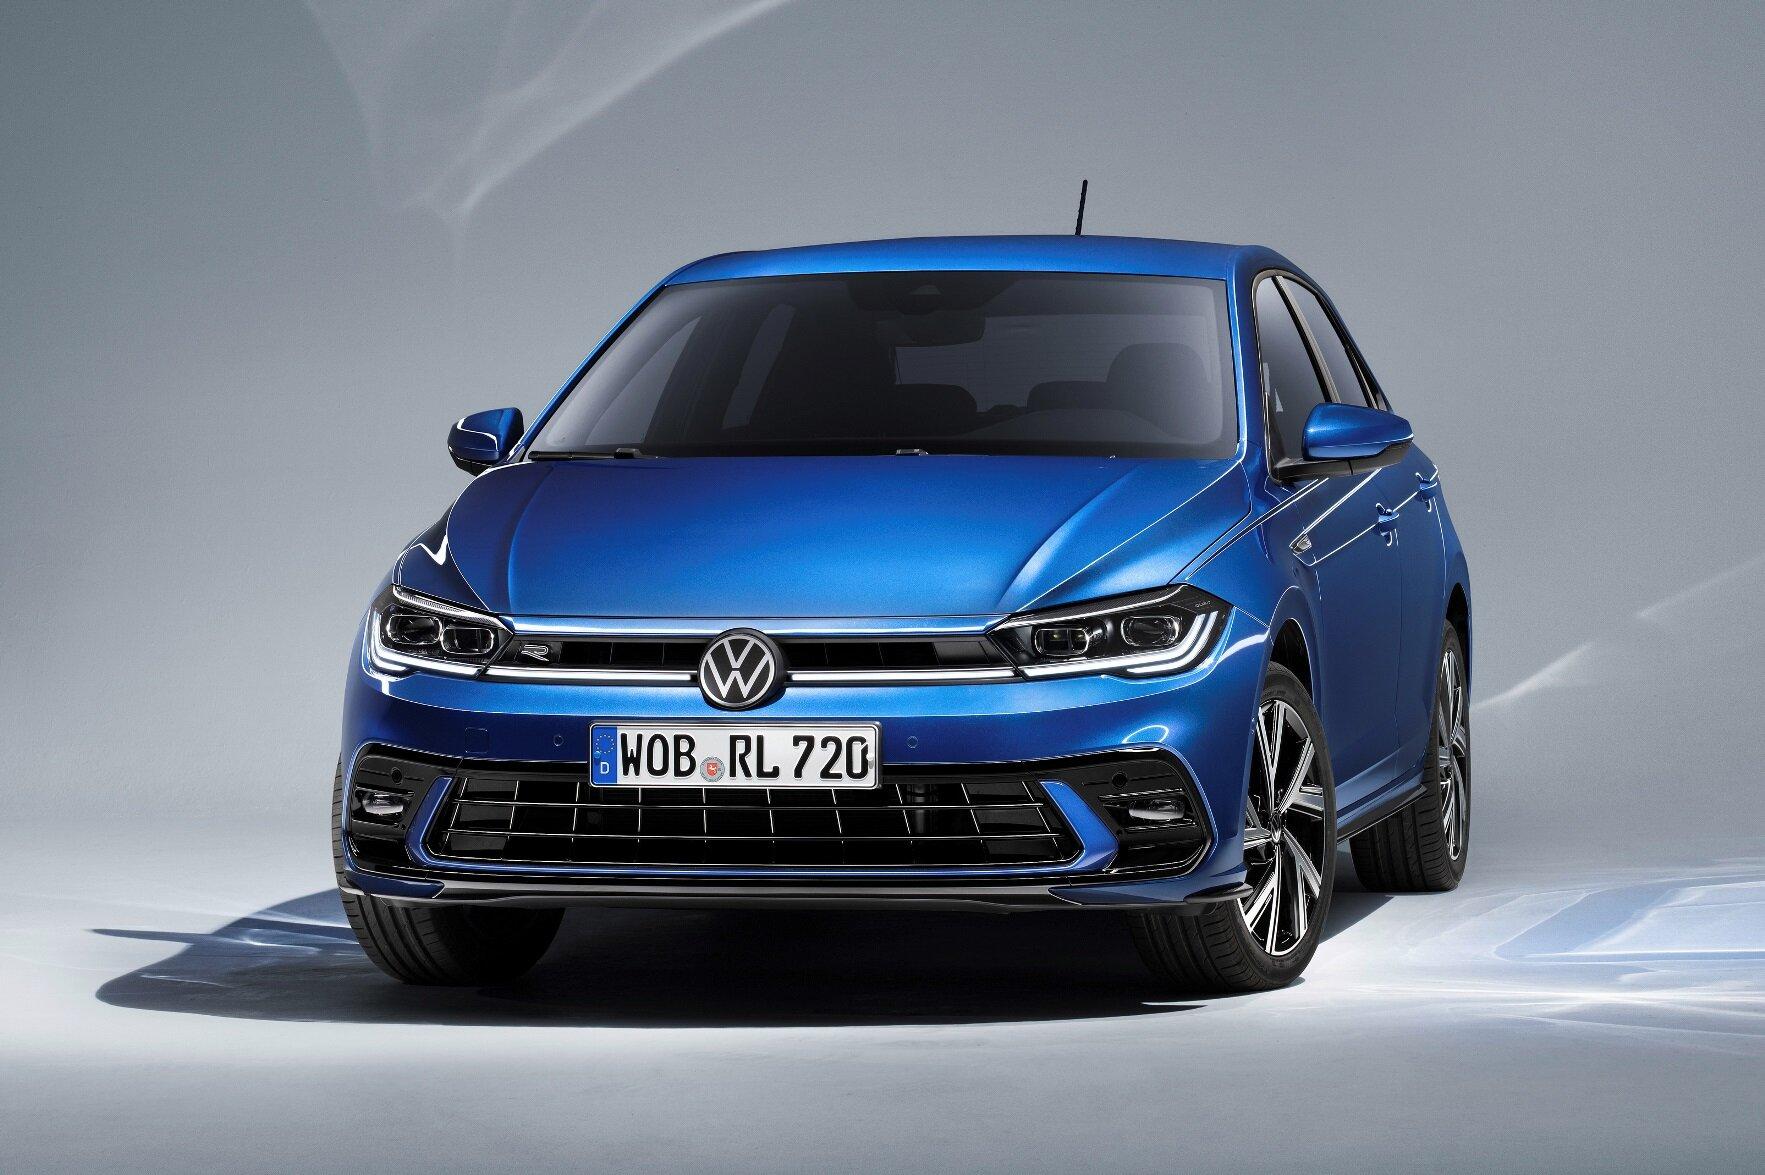 Nový Volkswagen Polo nabídne jako jeden z prvních modelů ve své třídě částečně automatizovanou jízdu